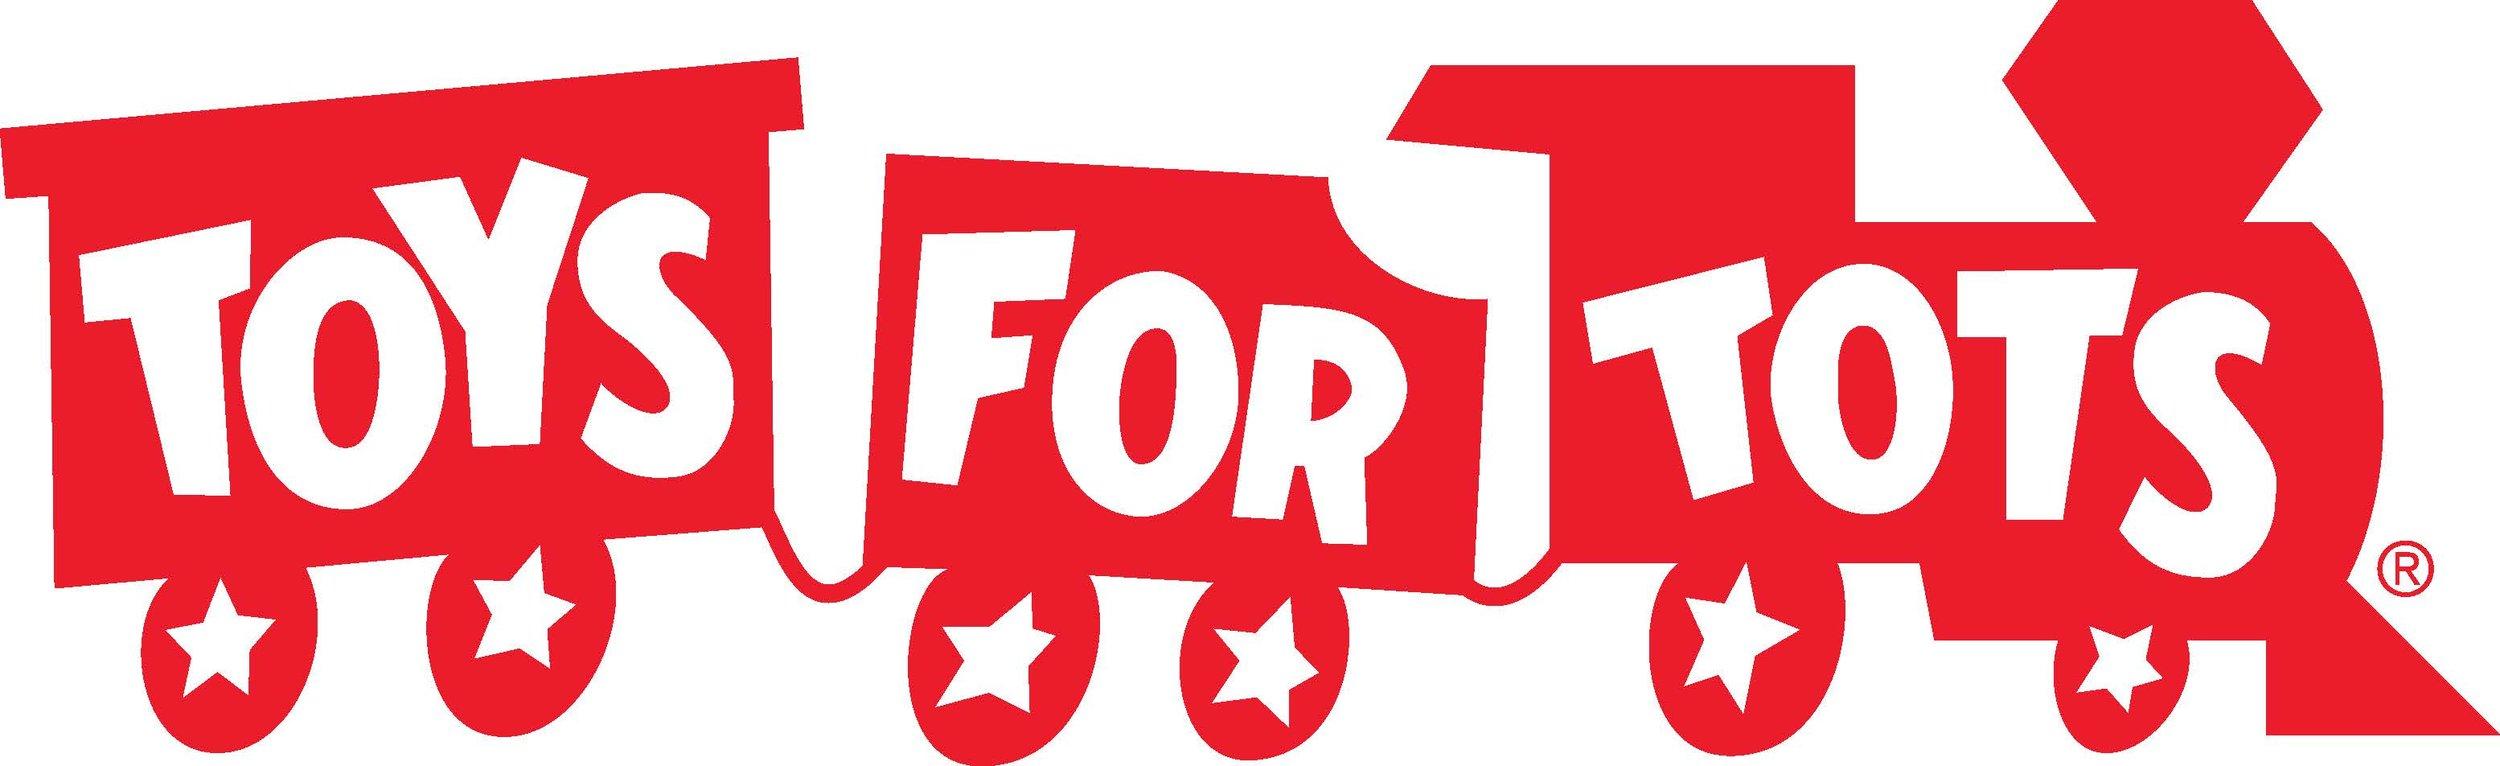 official-logo.jpg